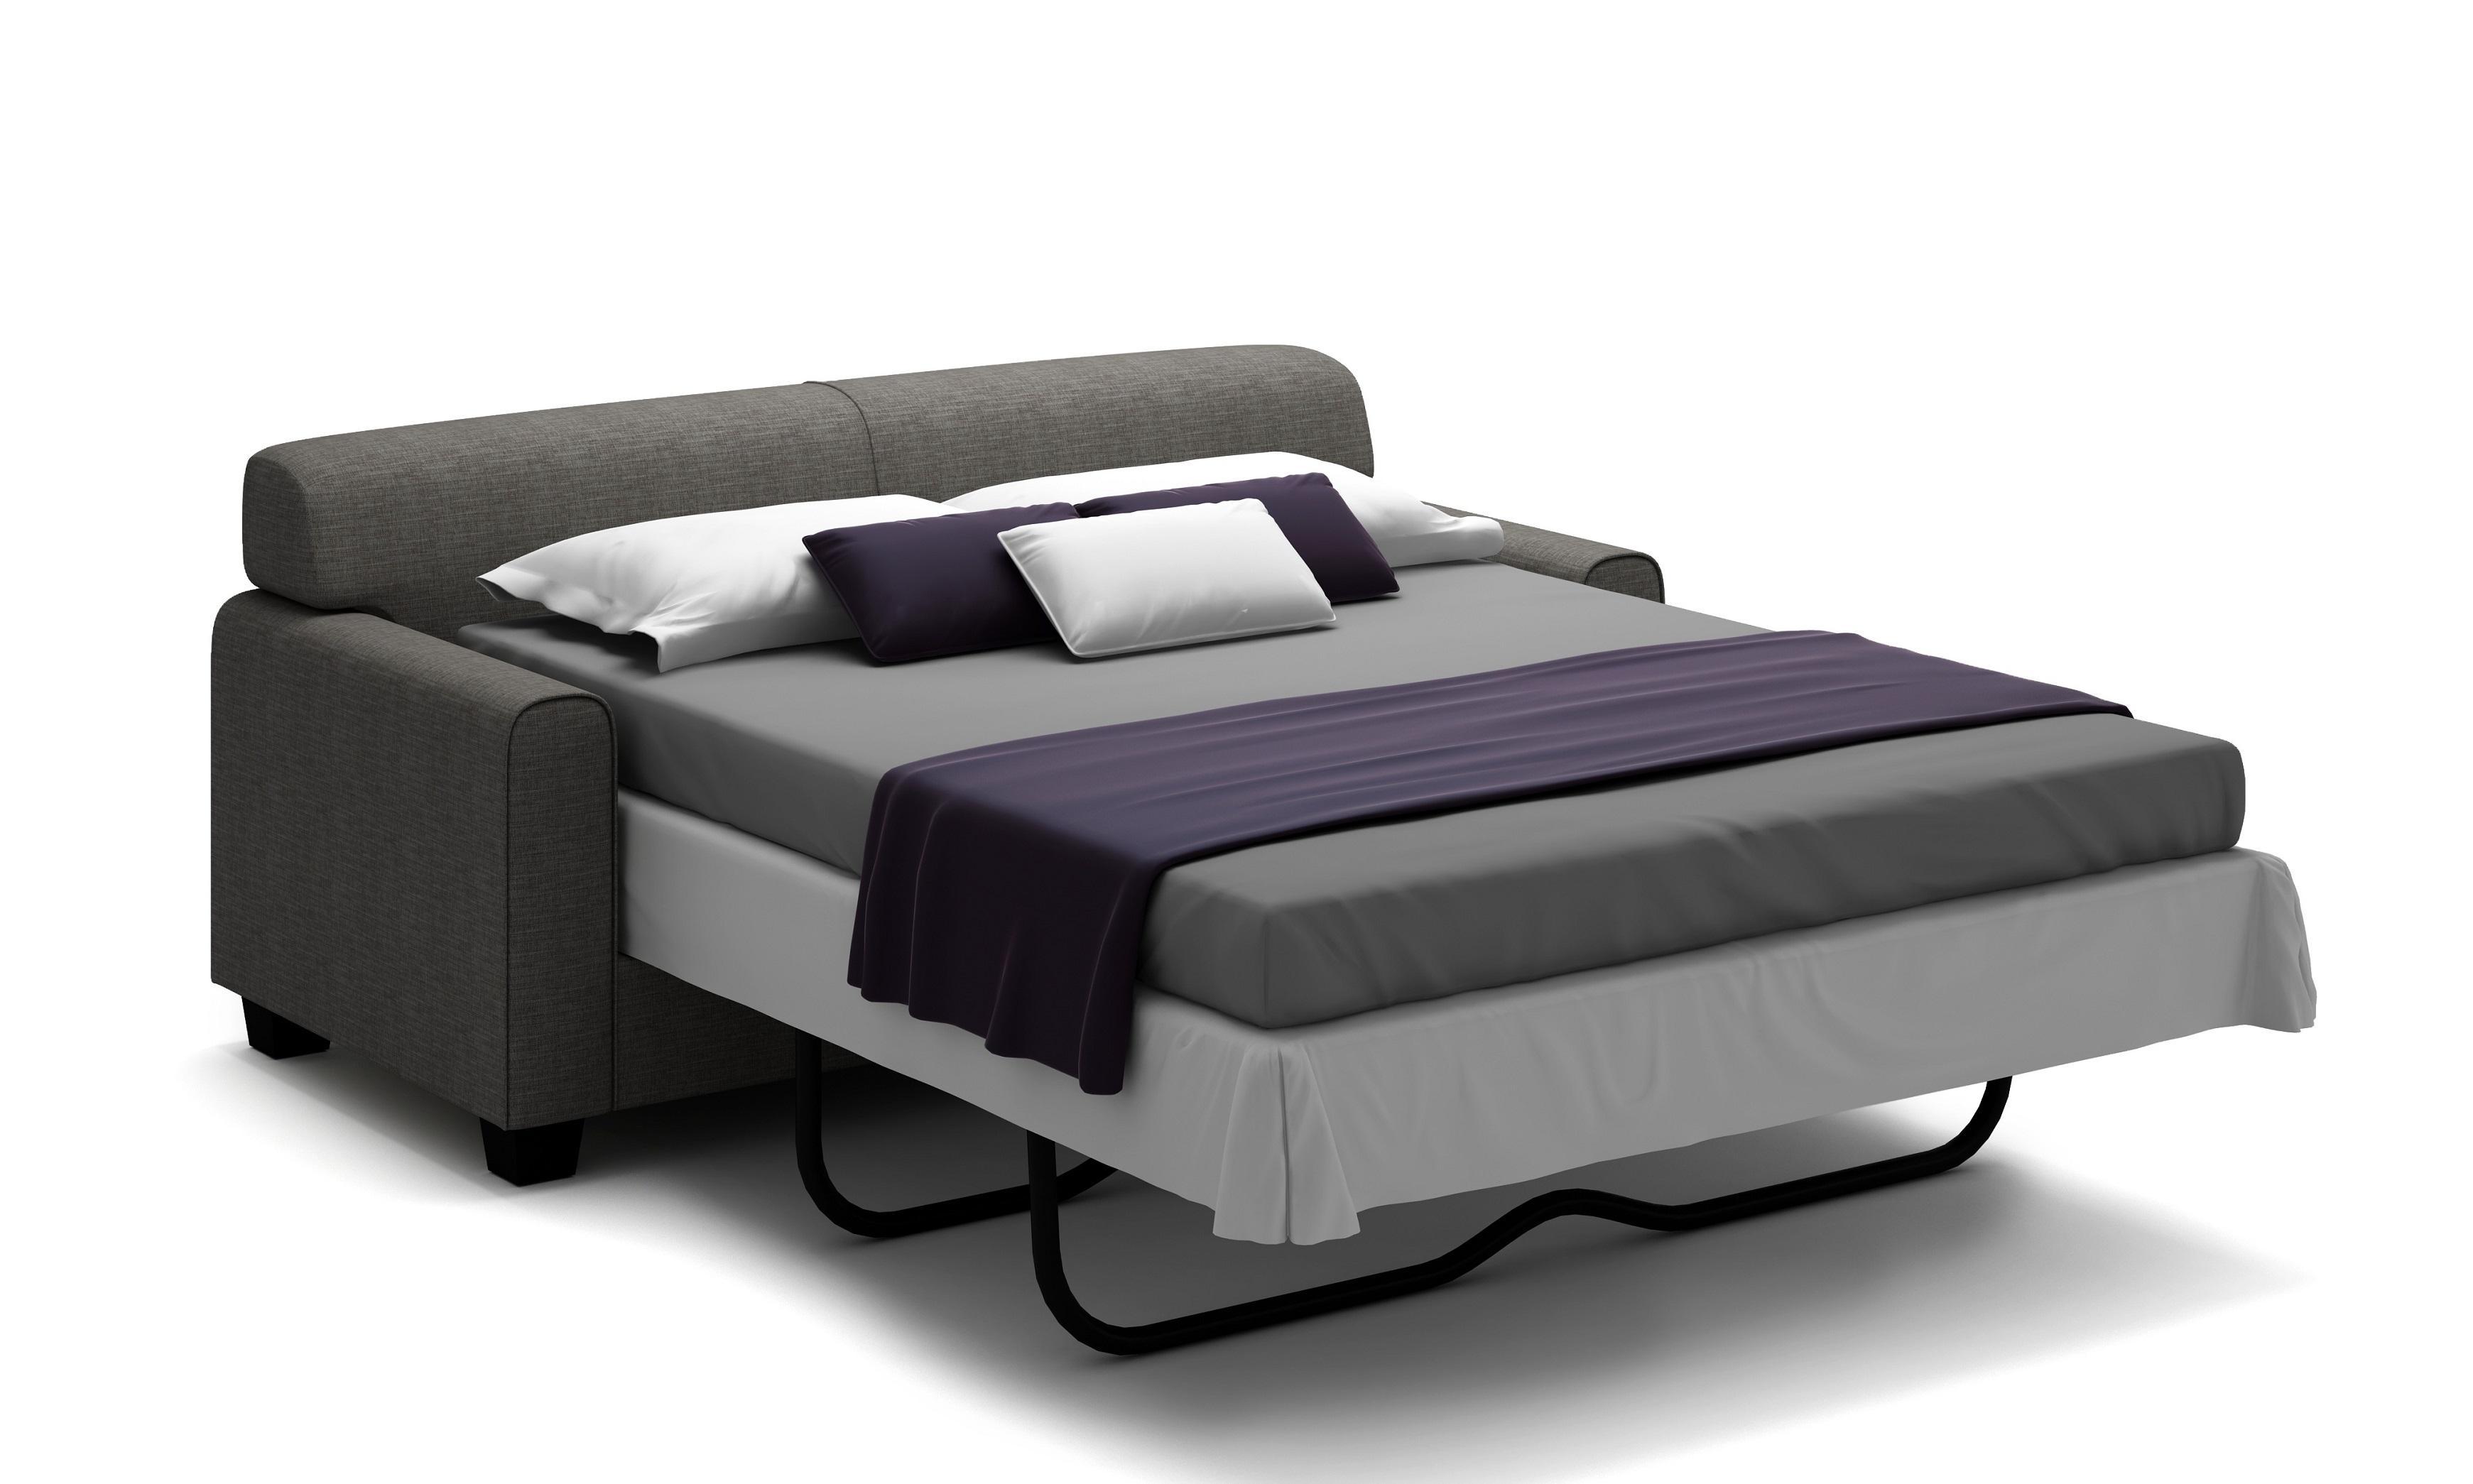 dc072a mega furniture imports ltd. Black Bedroom Furniture Sets. Home Design Ideas